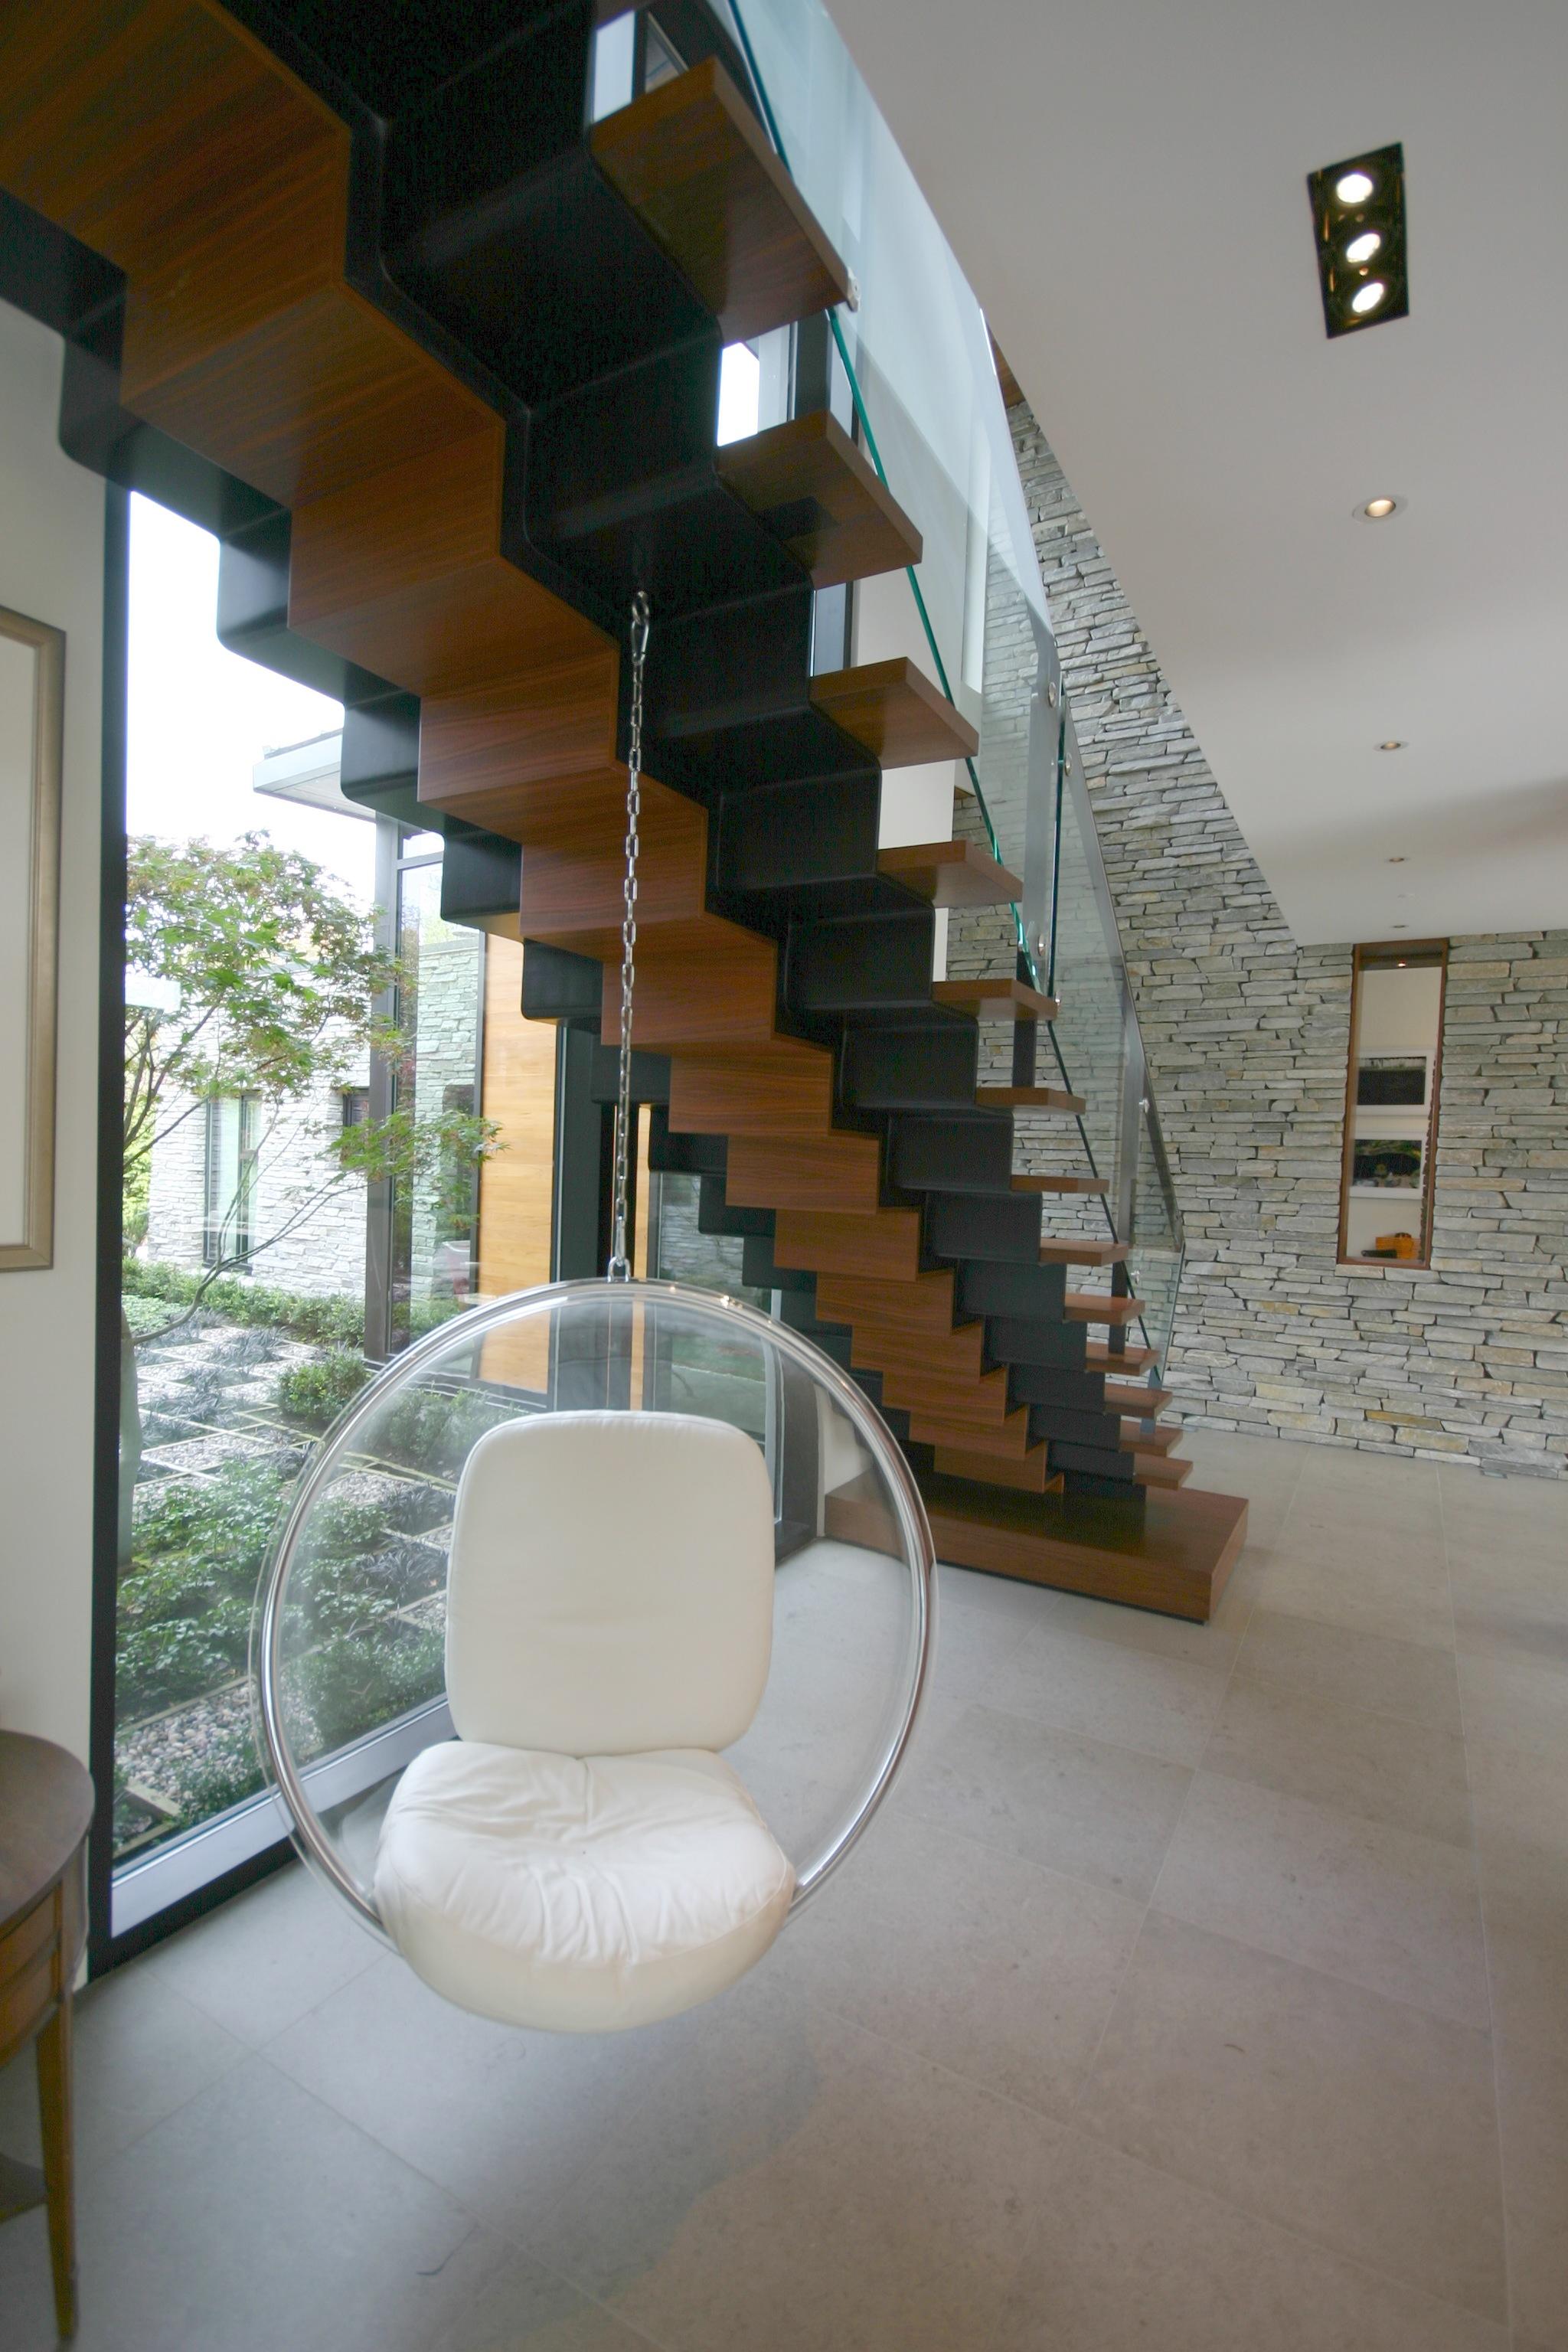 16 - Stair Seat.JPG